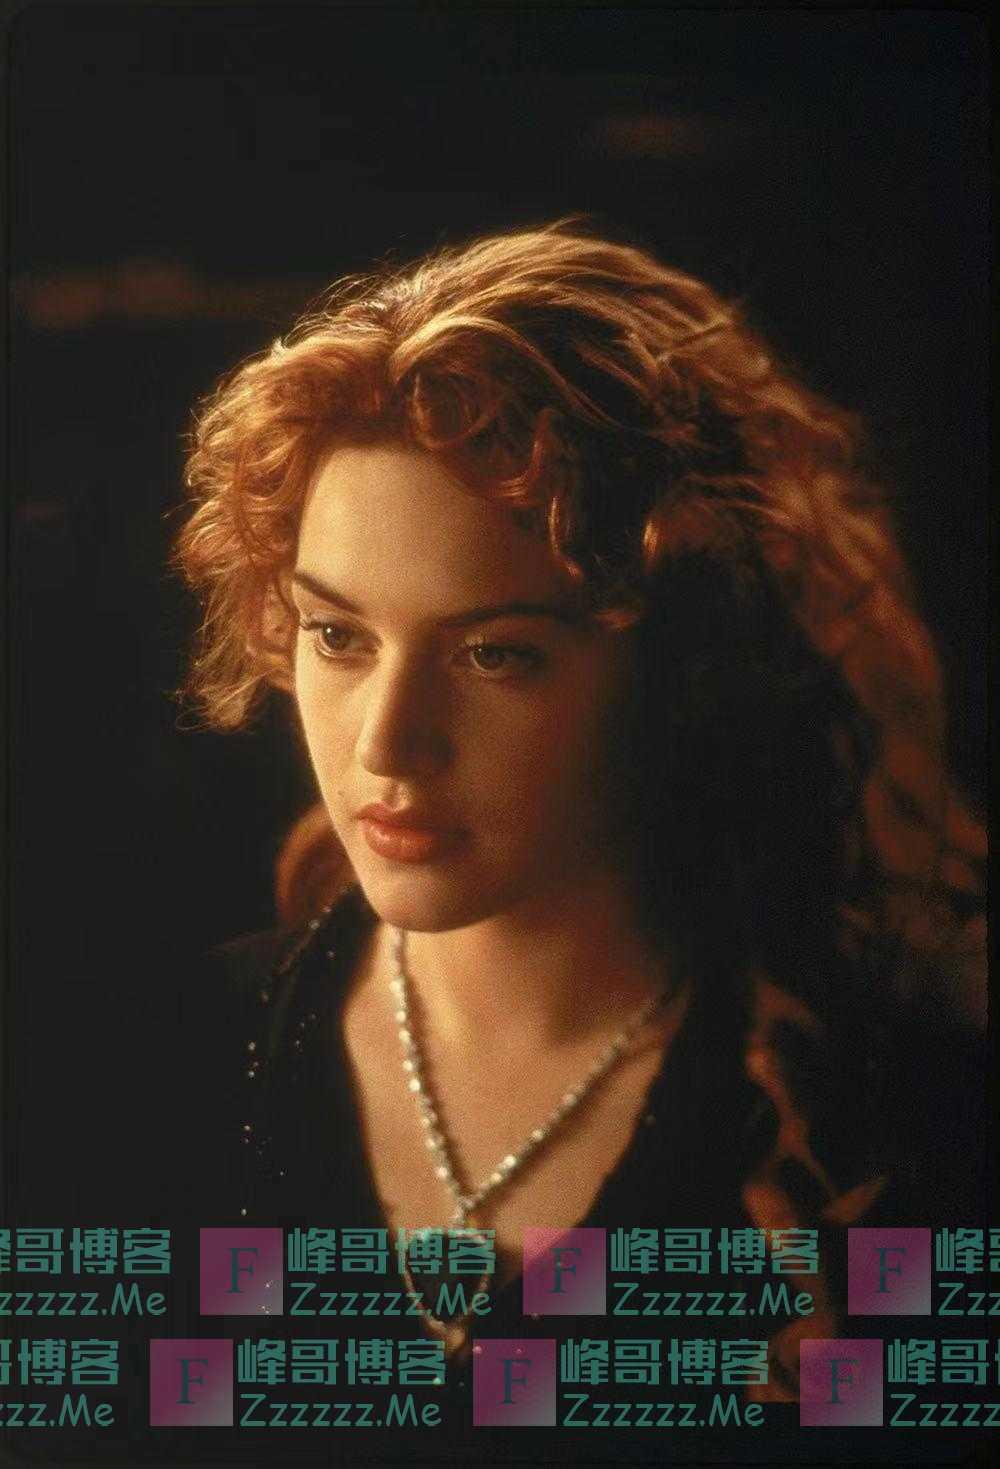 素描丨中年凯特·温斯莱特,演了一个最接近自己的角色